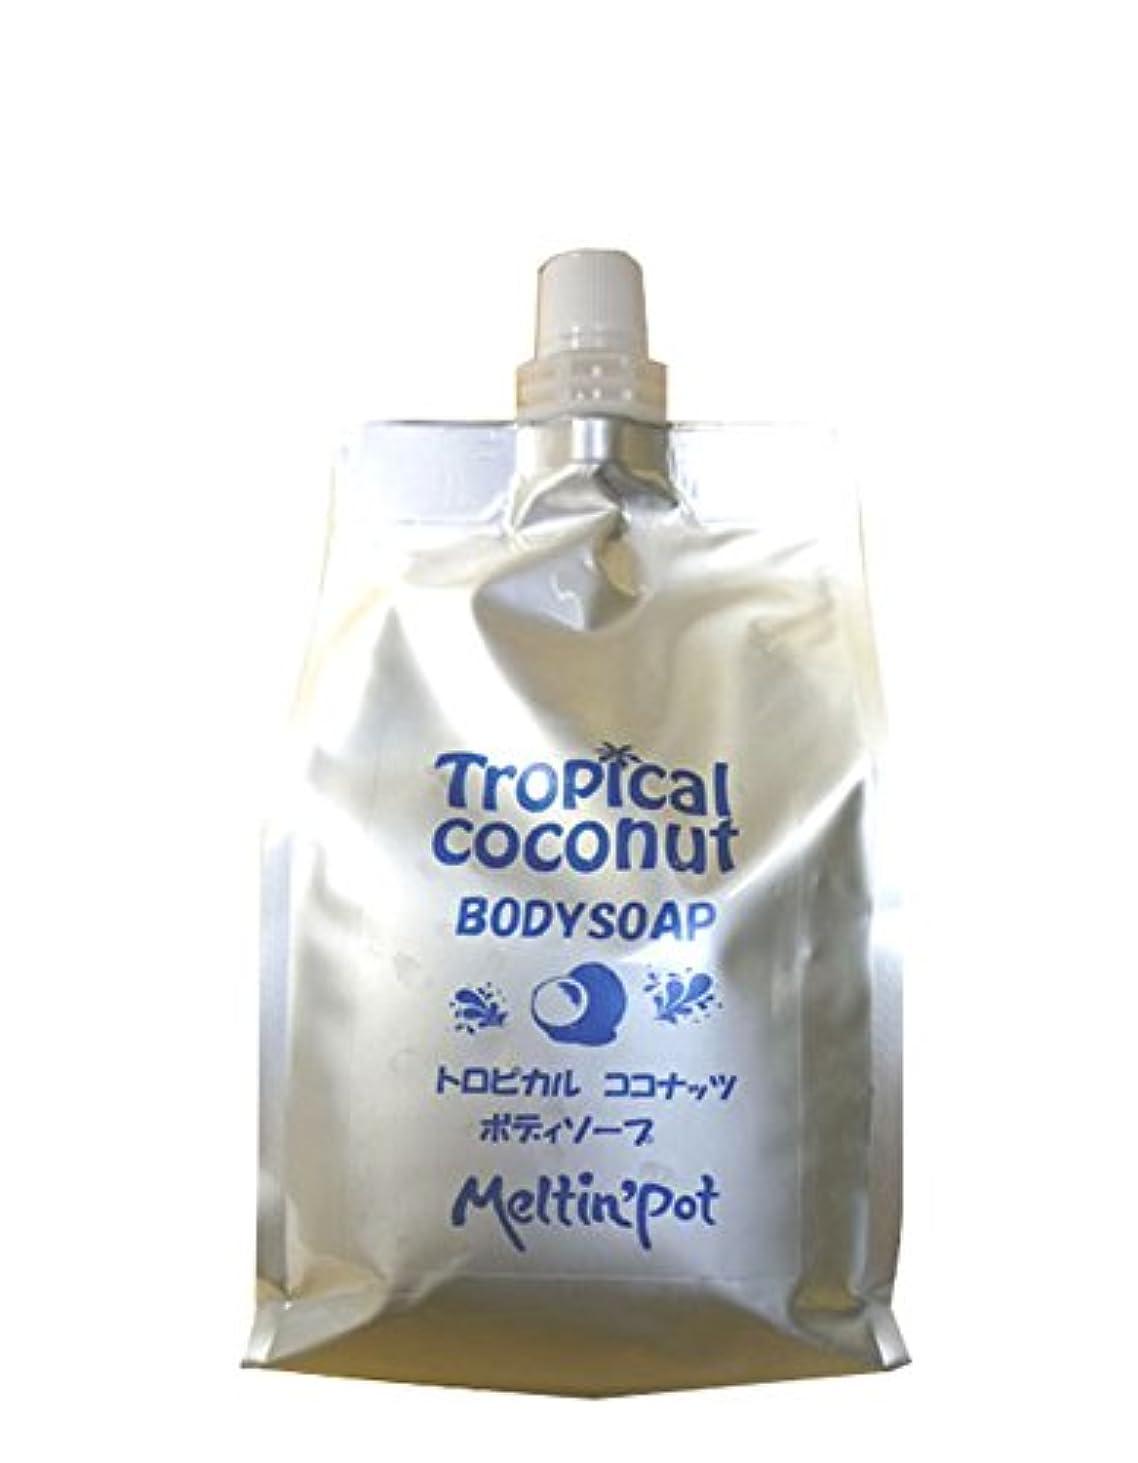 ツールコスチューム分割トロピカルココナッツ ボディソープ 1000ml 詰め替え Tropical coconut Body Soap 加齢臭に! [MeltinPot]